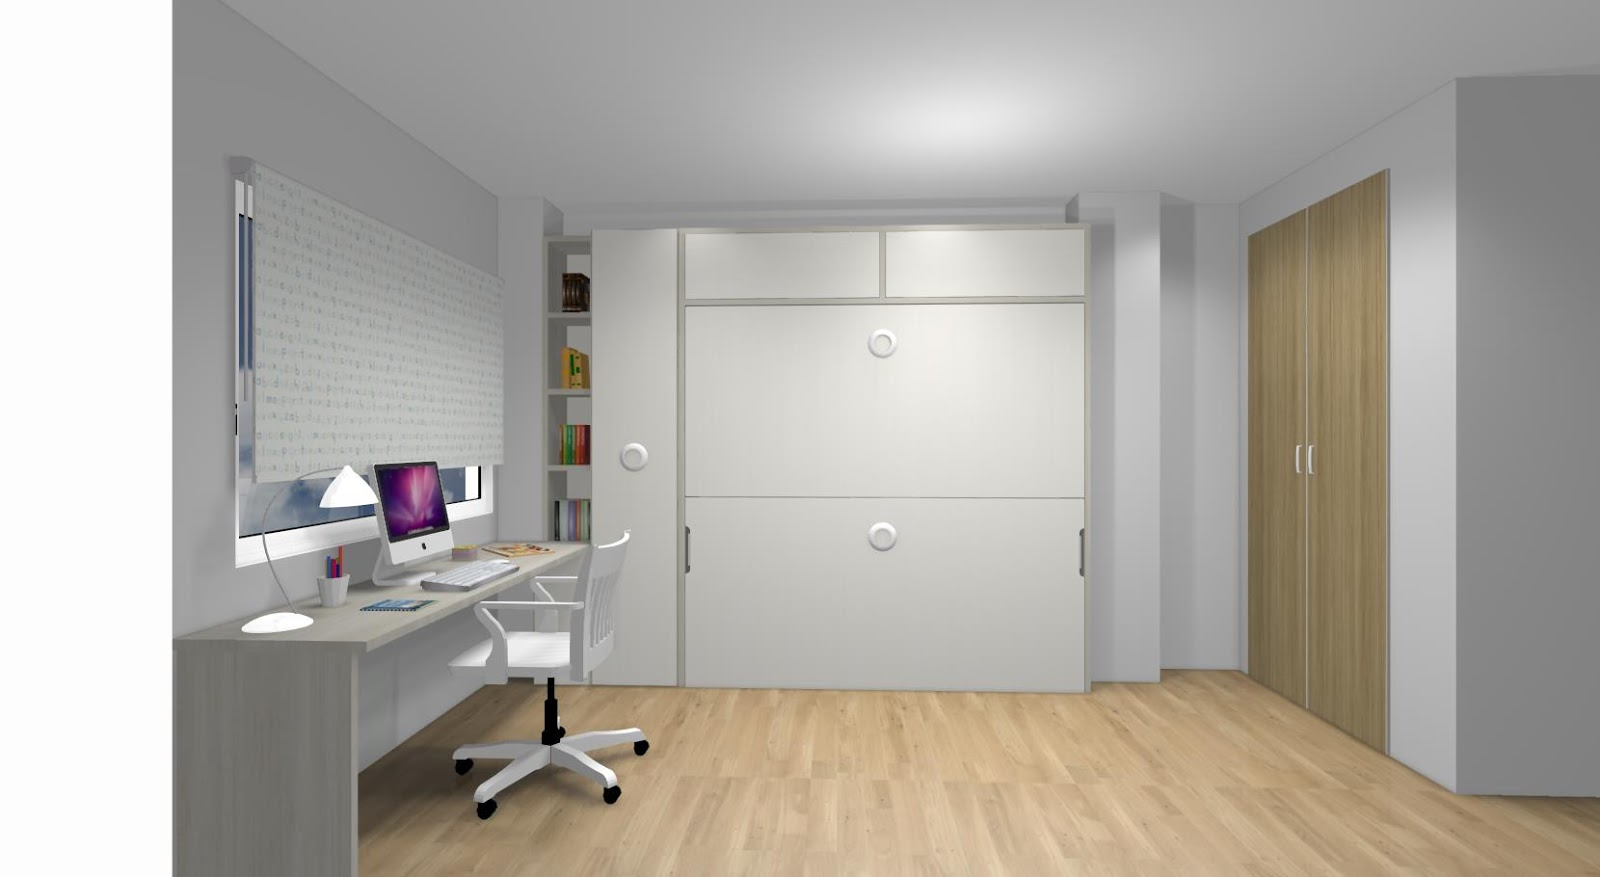 Dormitorio juvenil con cama compacto estanterias y zona de - Dormitorios infantiles madrid ...